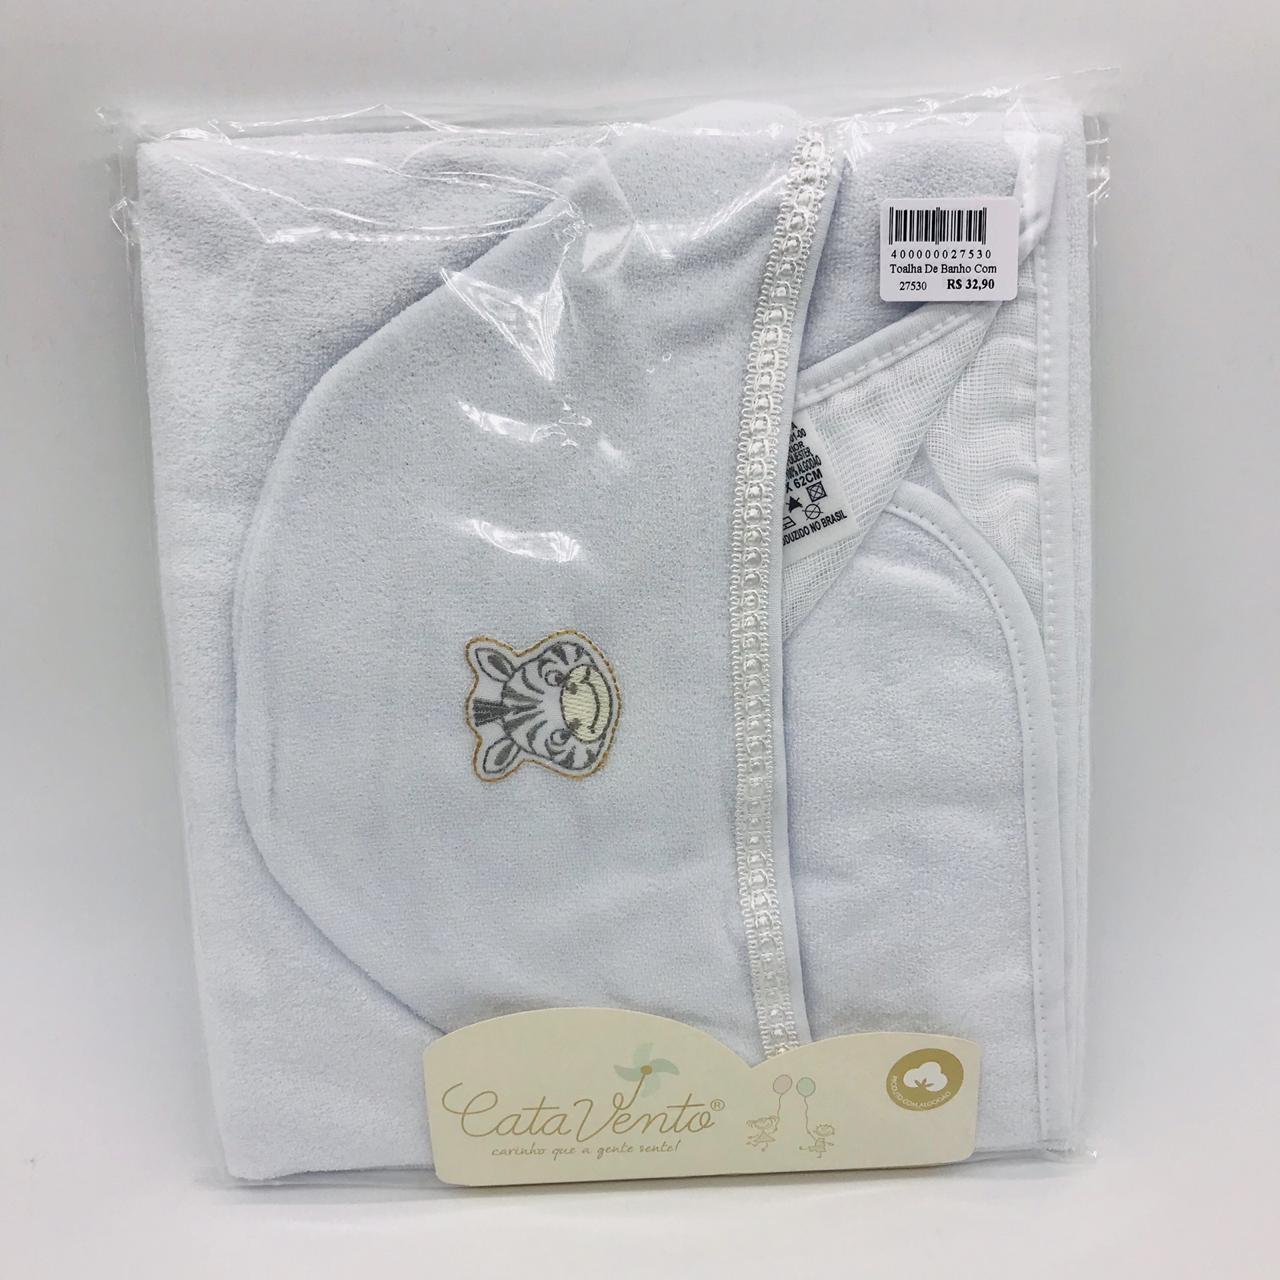 Toalha de Banho Com Fralda Branco Zebra - Catavento Ref 120